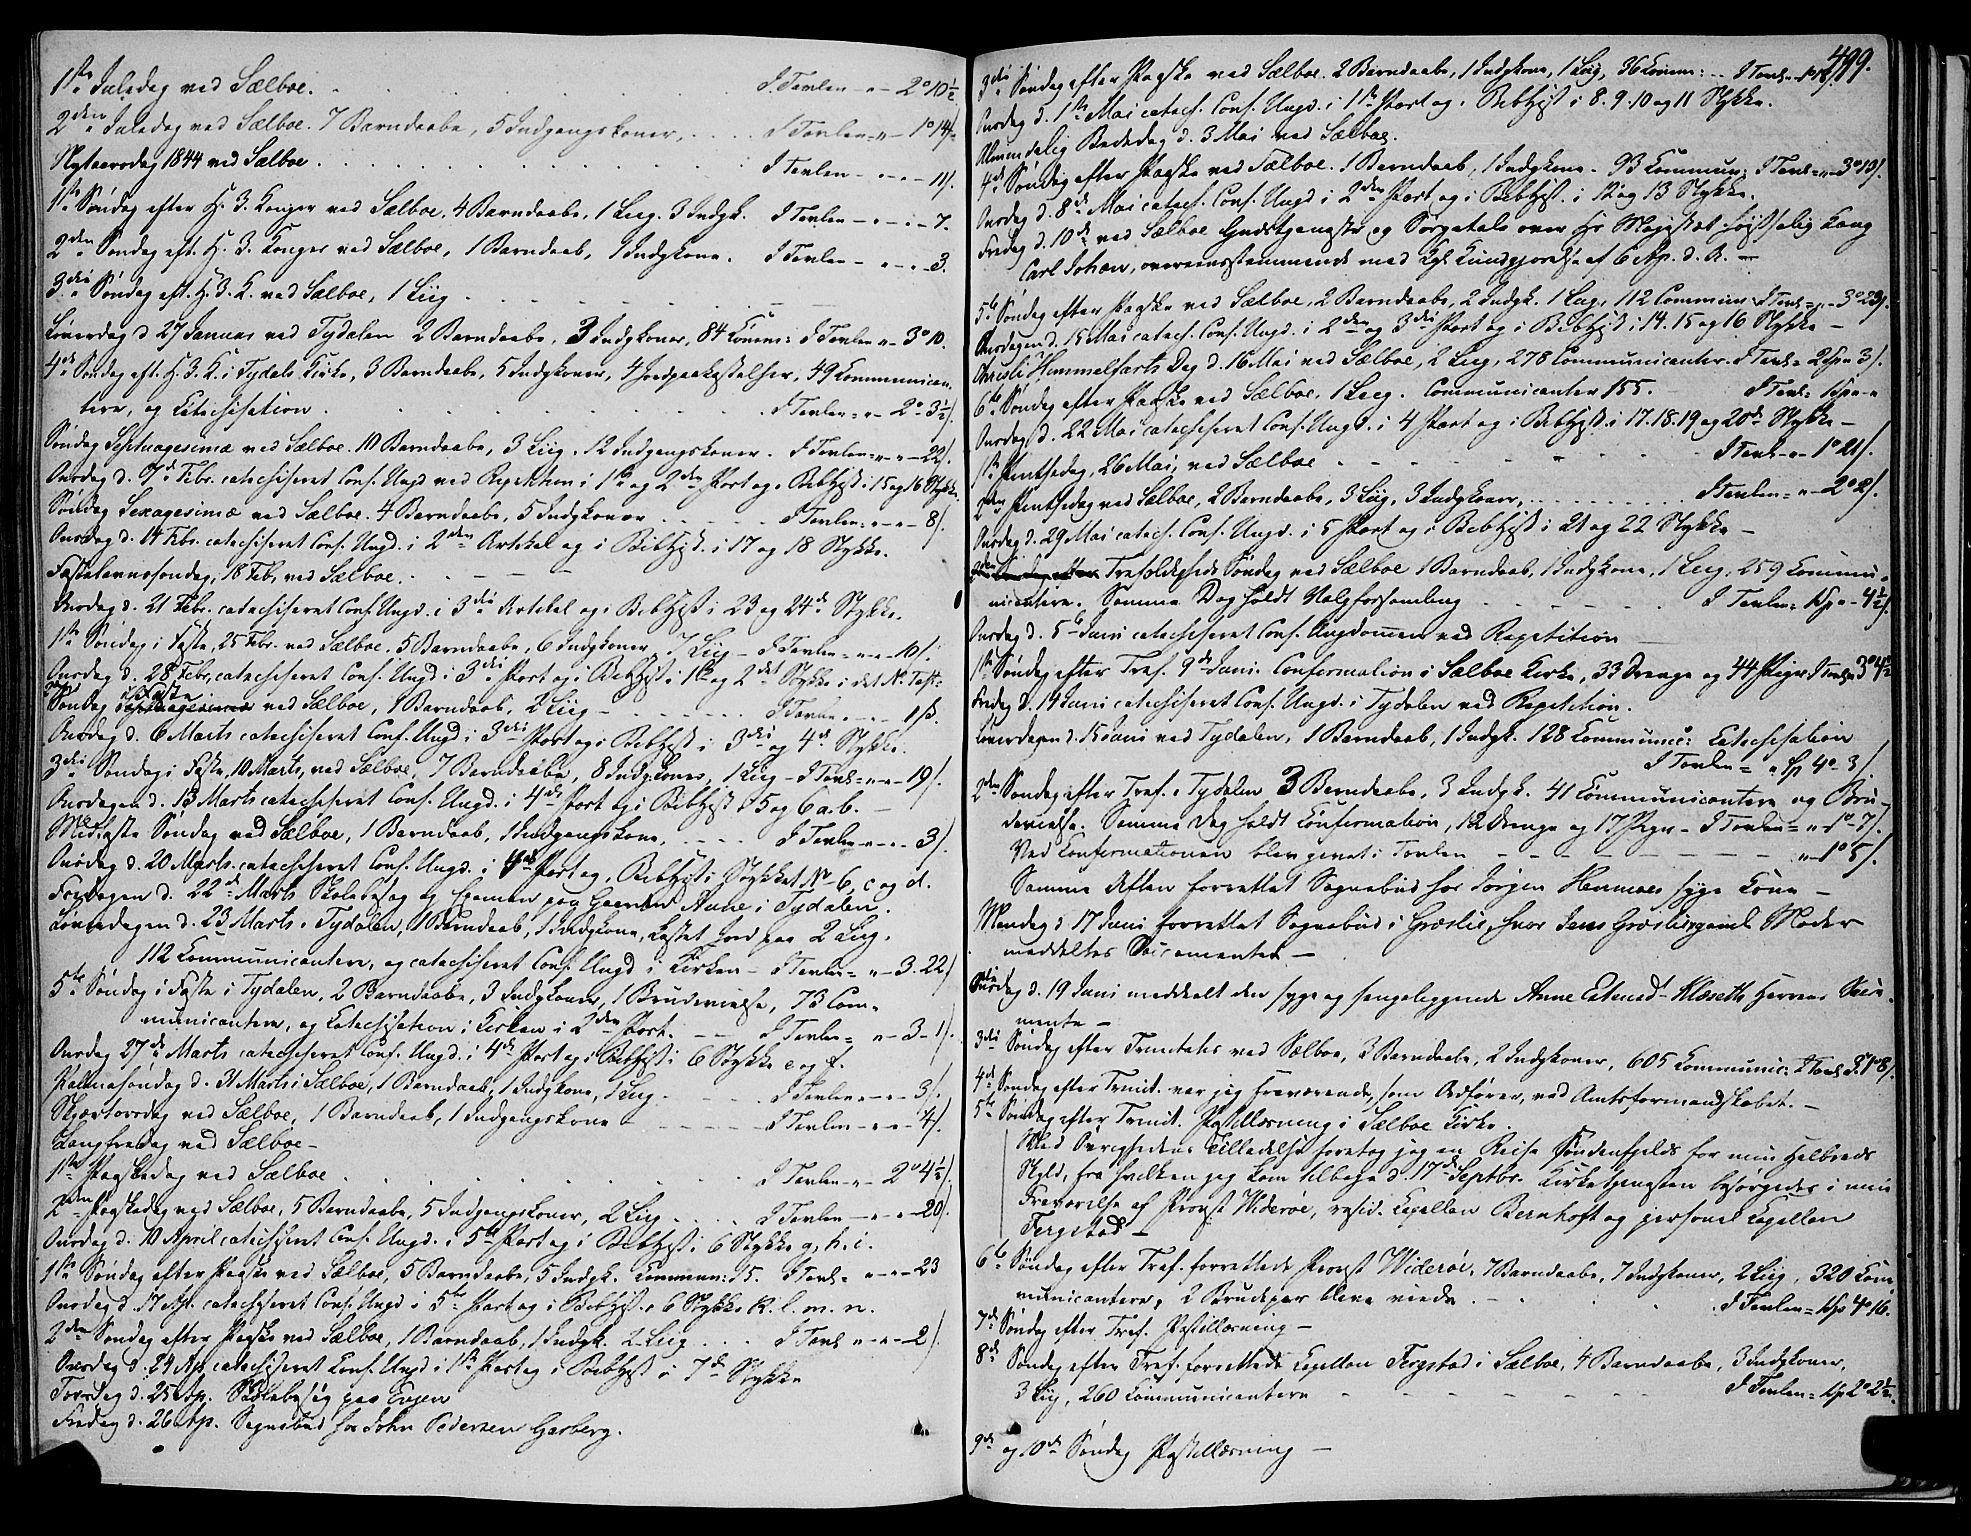 SAT, Ministerialprotokoller, klokkerbøker og fødselsregistre - Sør-Trøndelag, 695/L1145: Ministerialbok nr. 695A06 /1, 1843-1859, s. 499